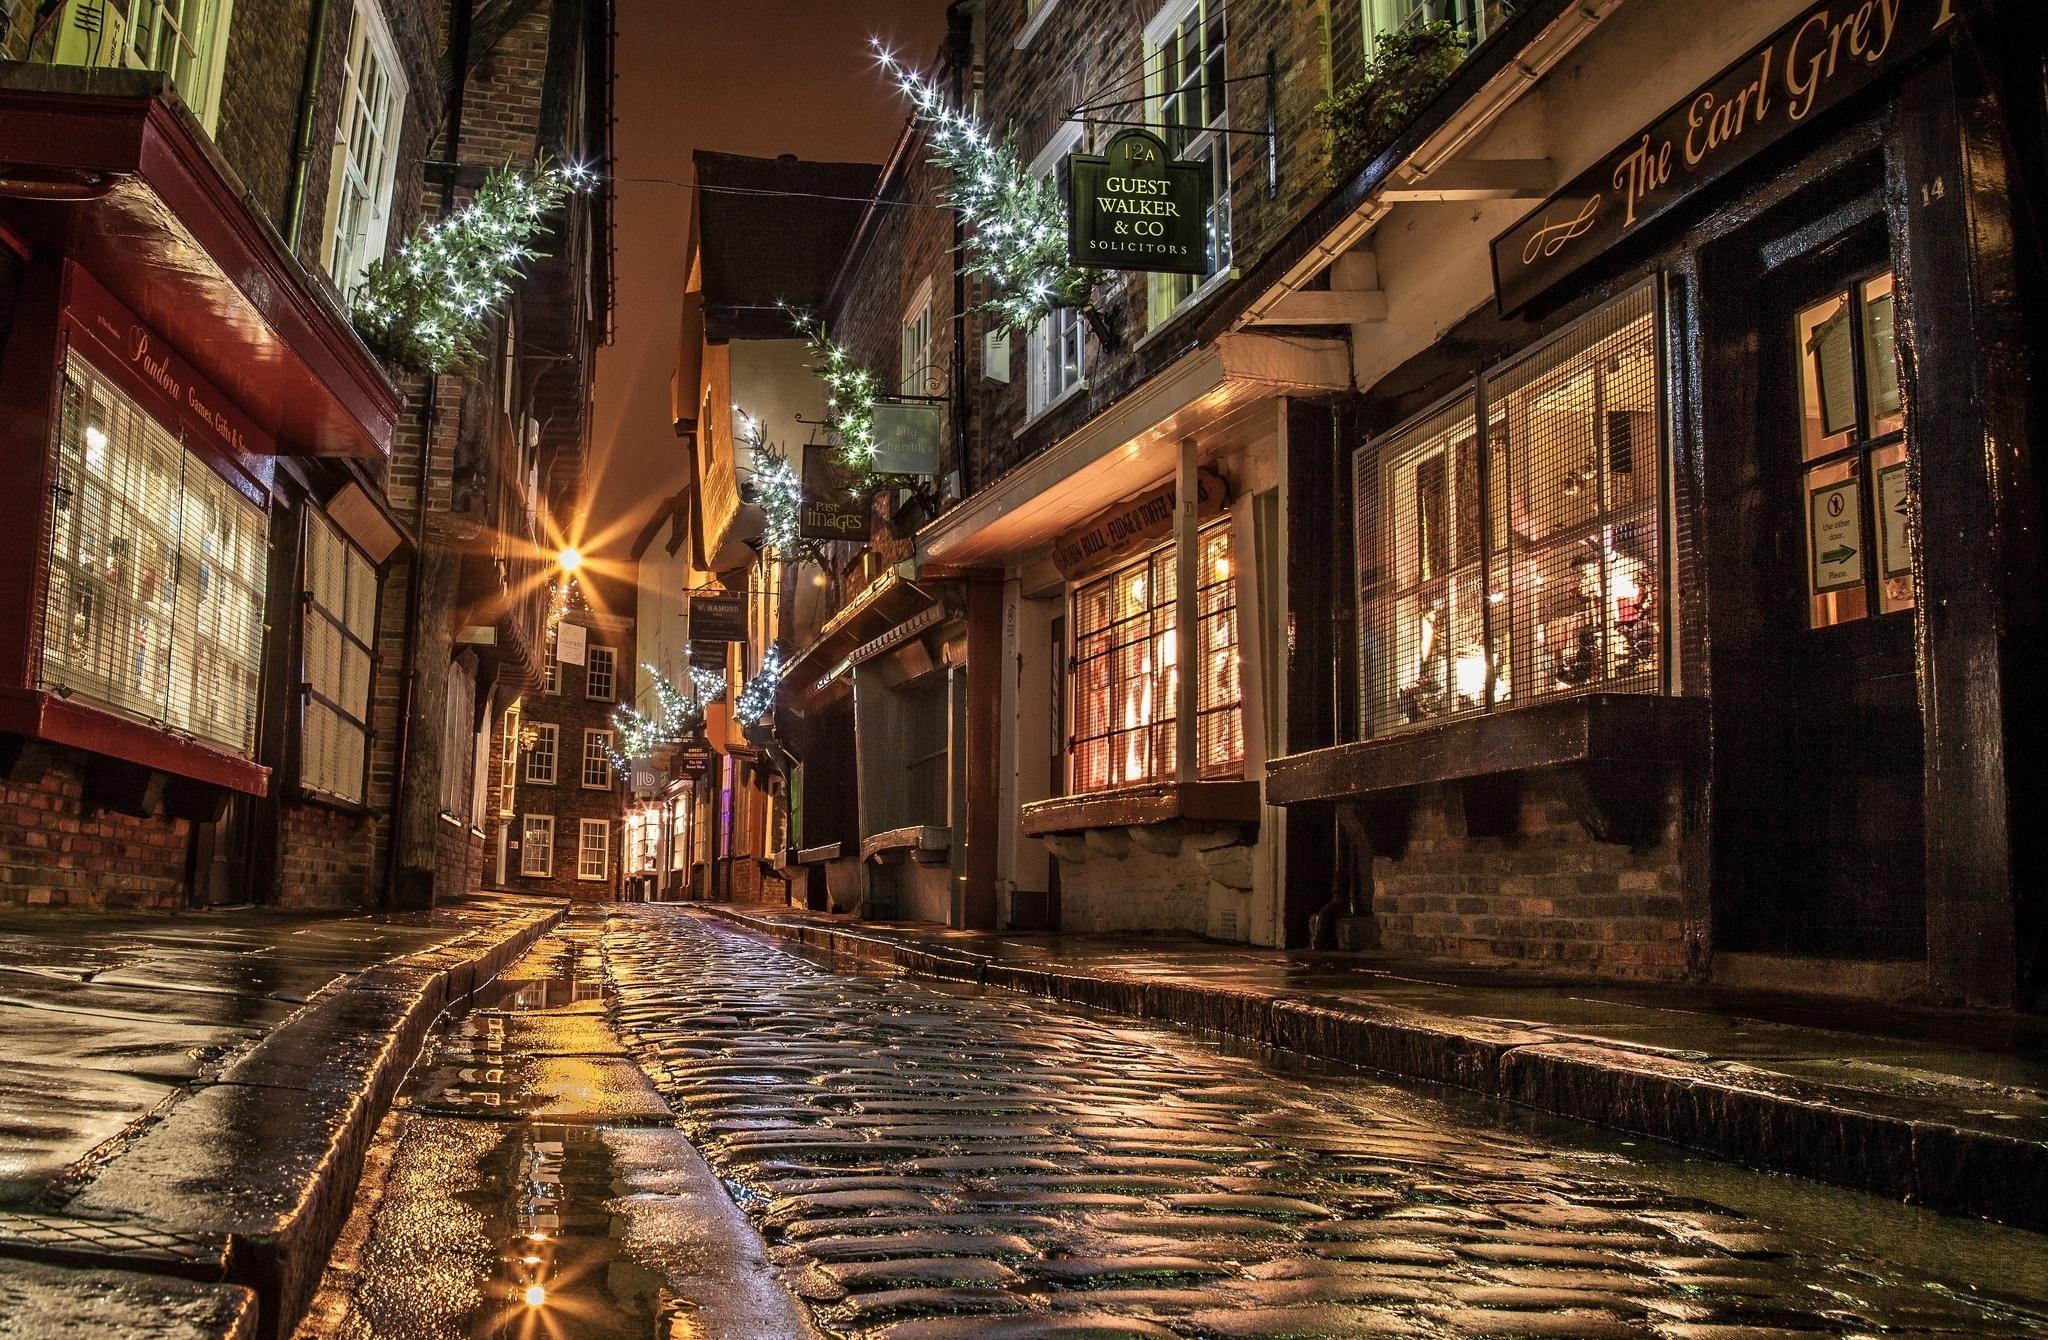 это лучше широкоформатное фото городских улиц этого бренда